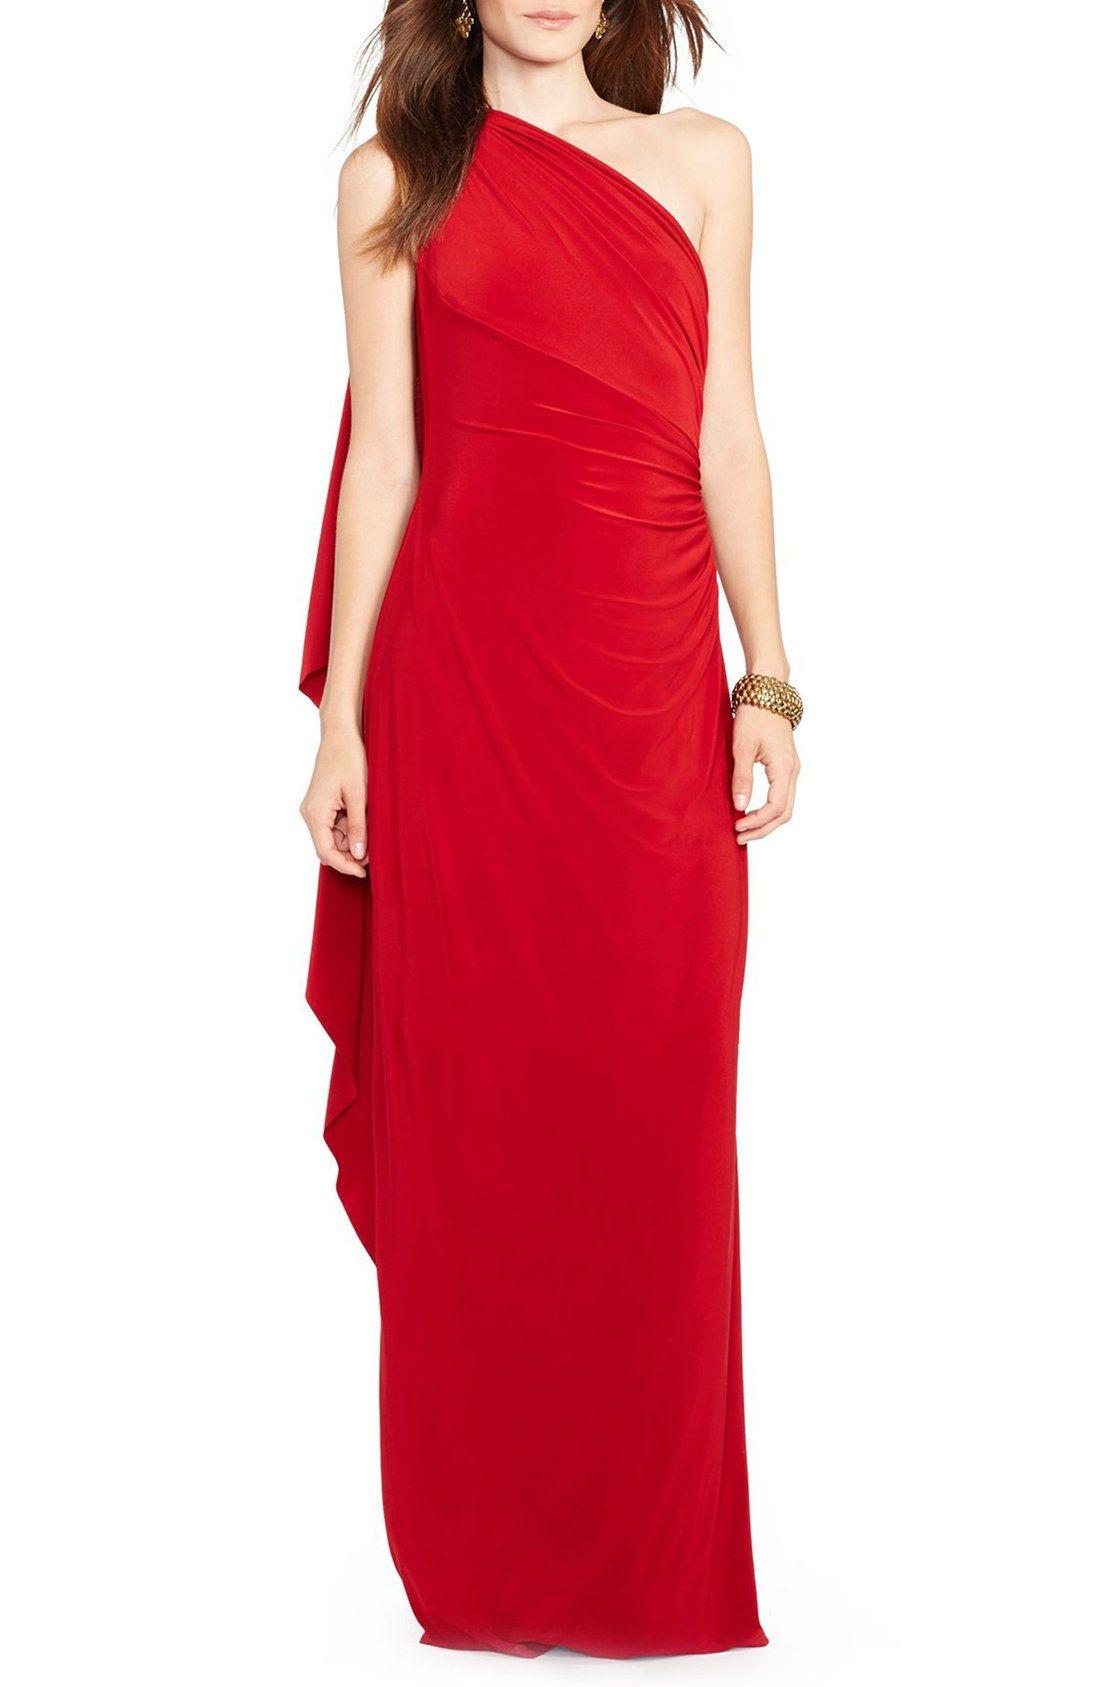 316b72c8 Lauren Ralph Lauren One-Shoulder Jersey Gown   Wish List   One ...